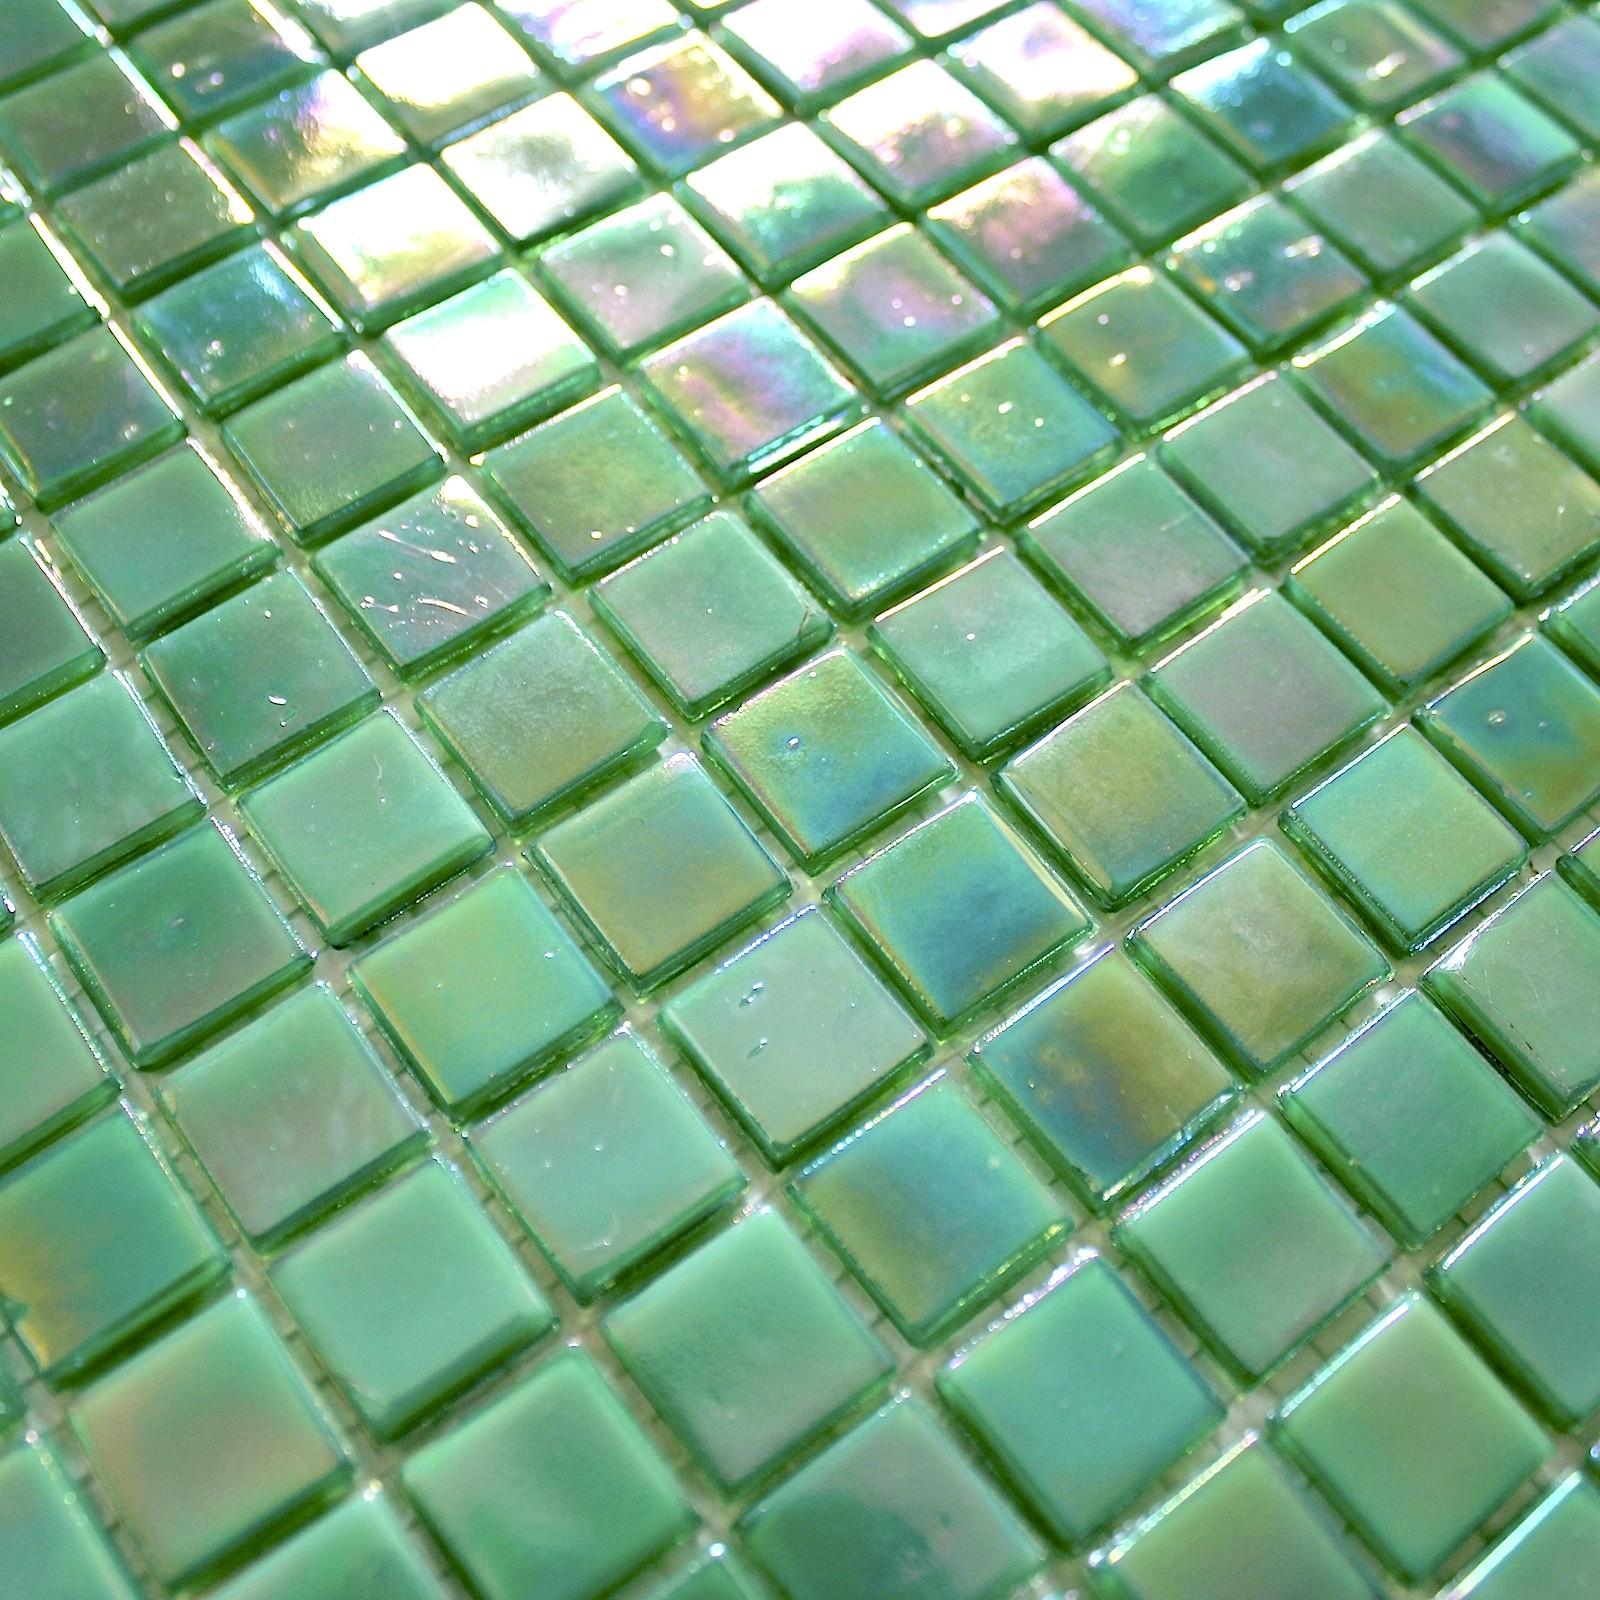 Mosaique salle de bain maison moderne for Pate de verre mosaique salle de bain